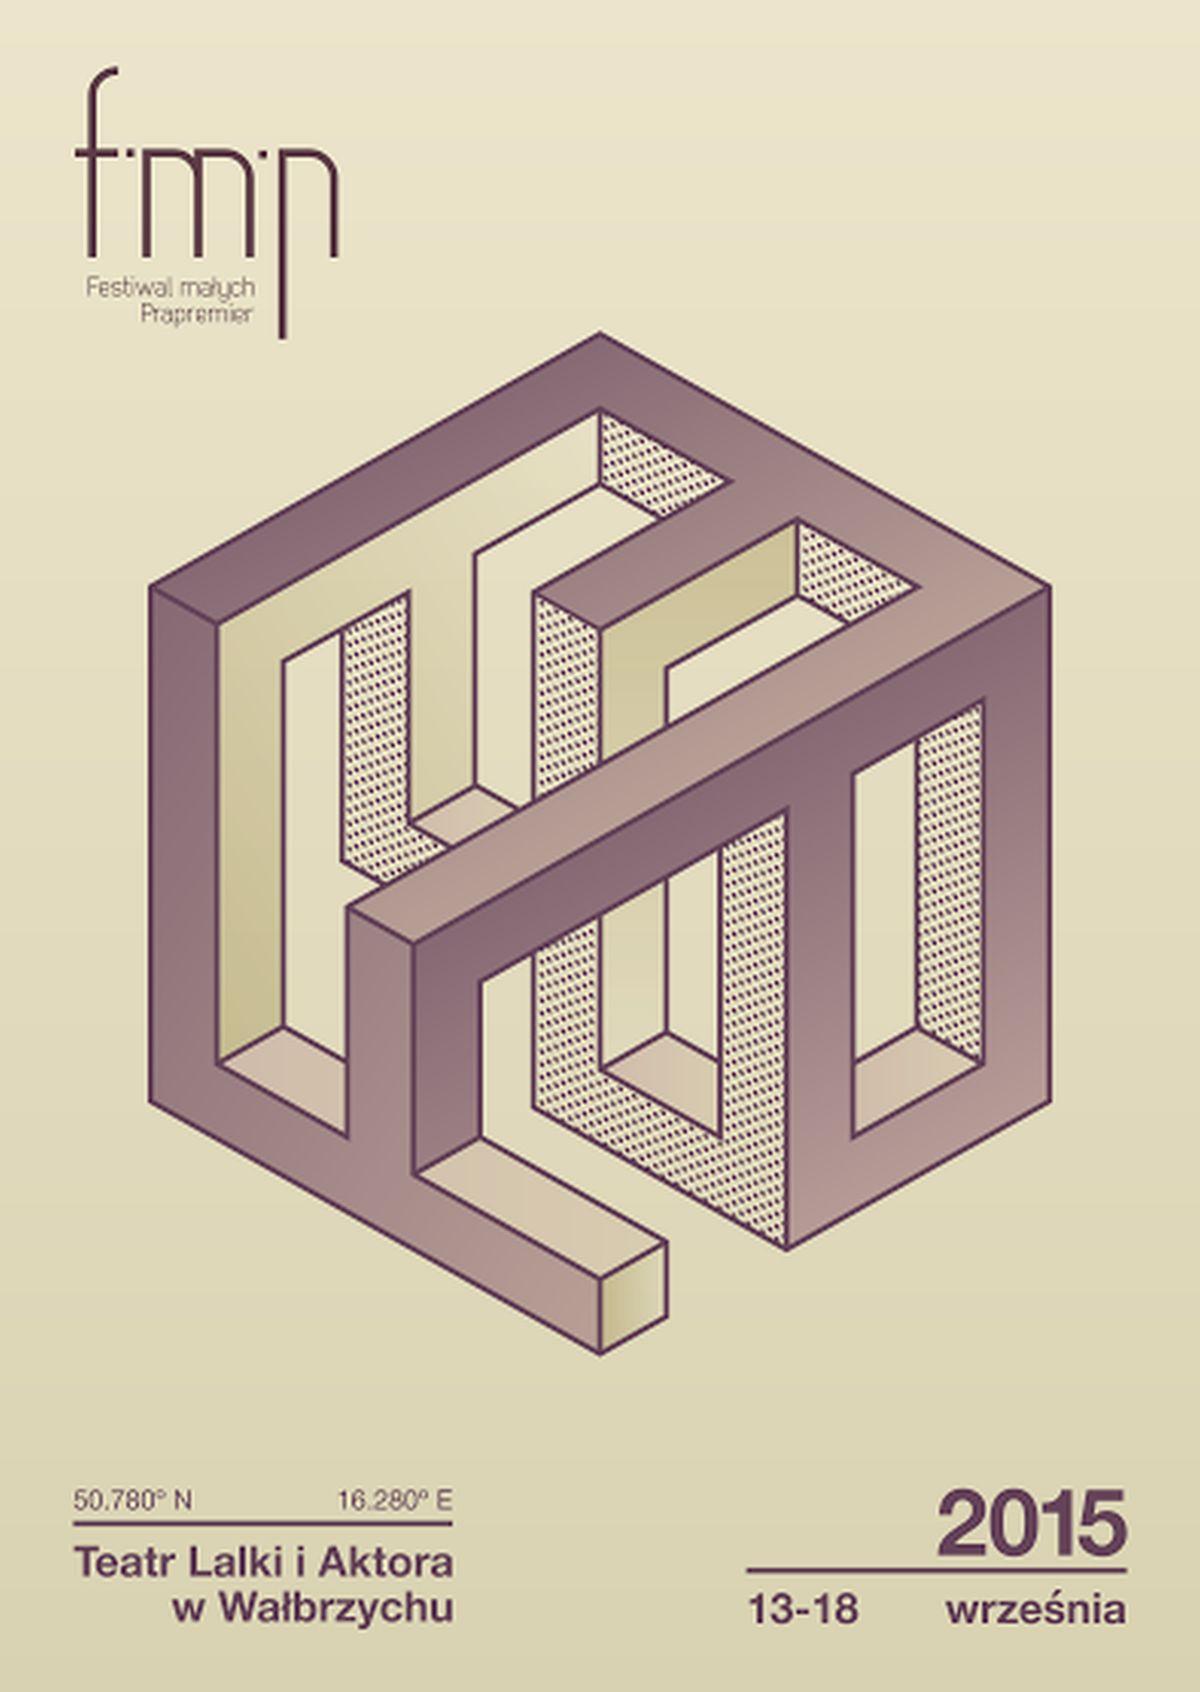 II Festiwal małych Prapremier – plakat (źródło: materiały prasowe)